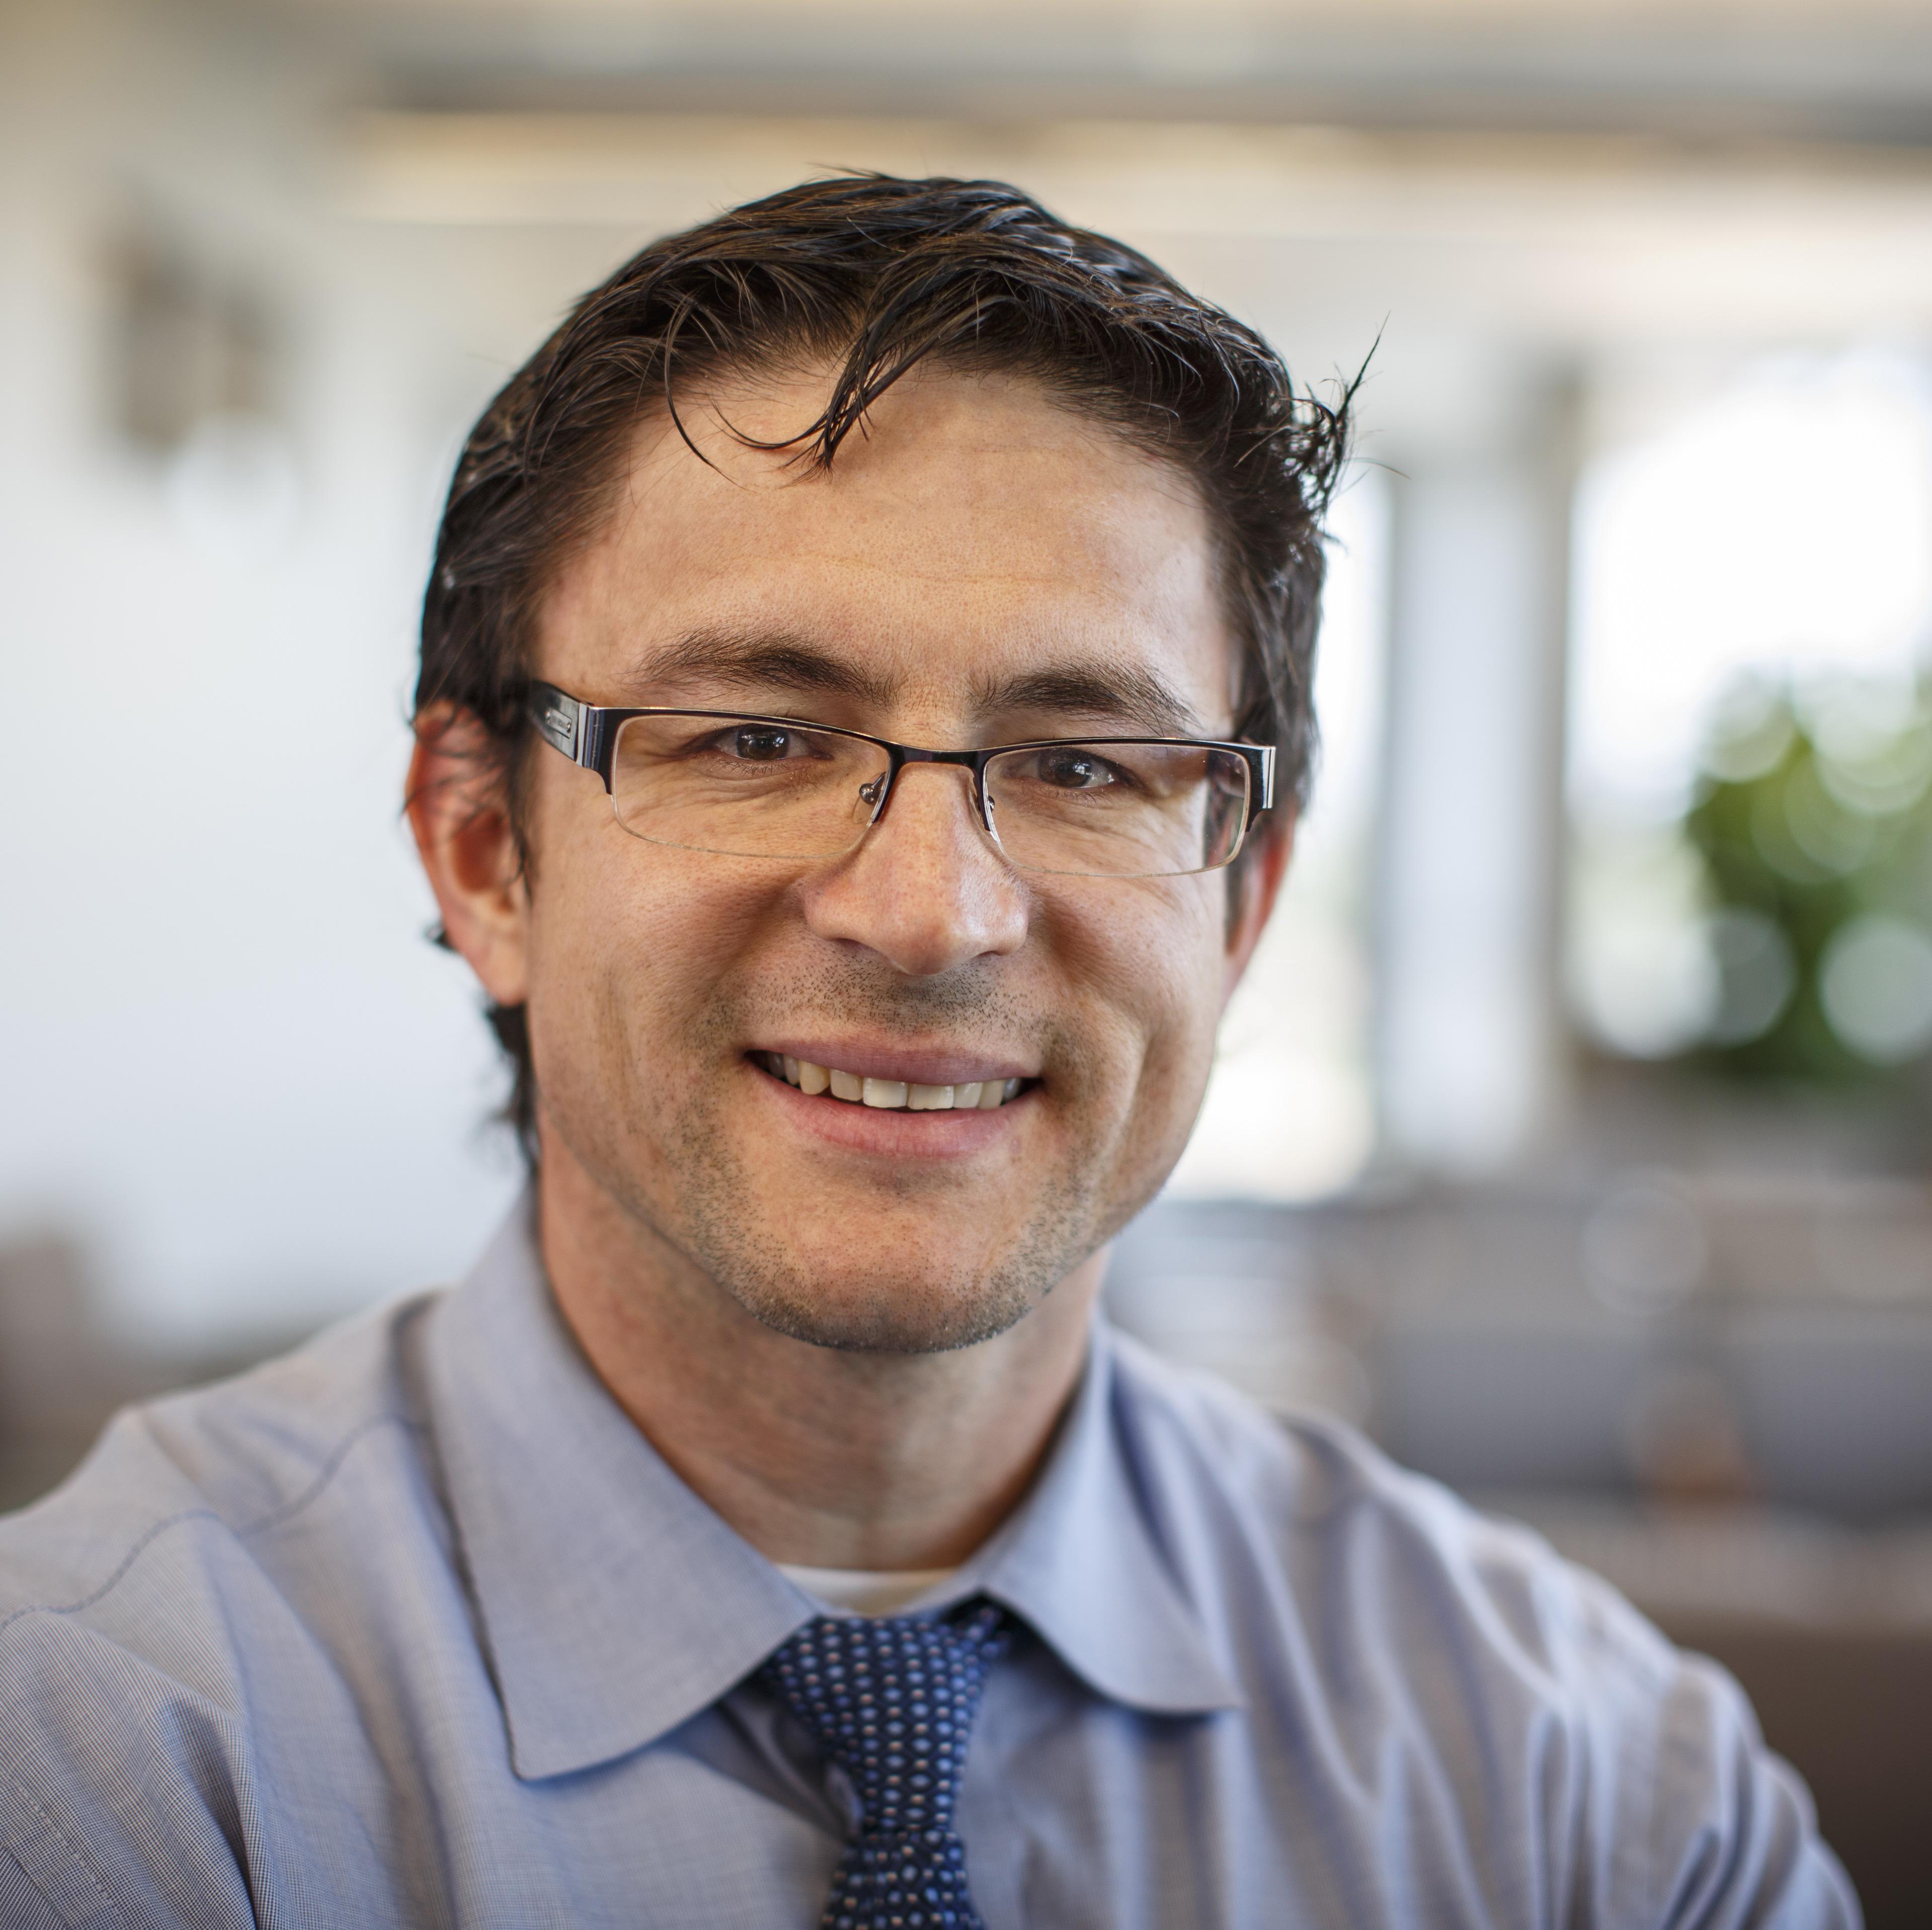 L. Pertab, PhD